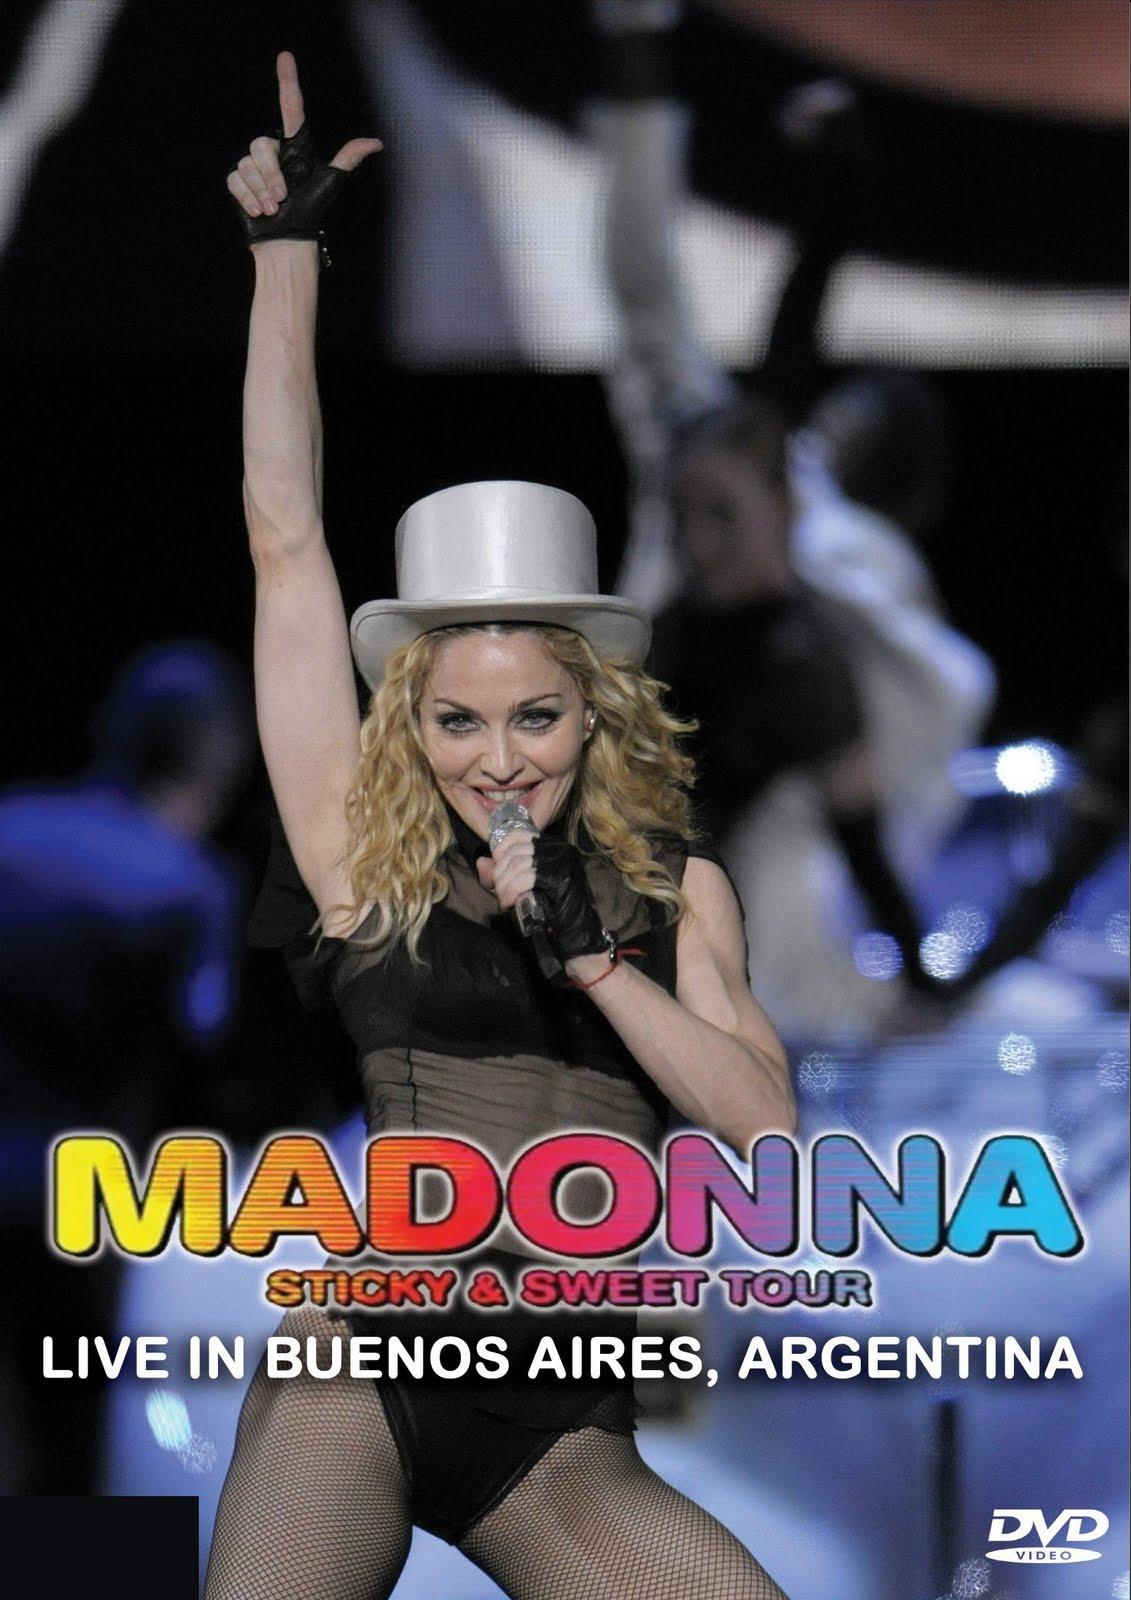 http://3.bp.blogspot.com/_BHjFbdBeONg/S7eO0WfIOQI/AAAAAAAABz4/uoT-8HRB3QE/s1600/Madonna+sticky.jpg